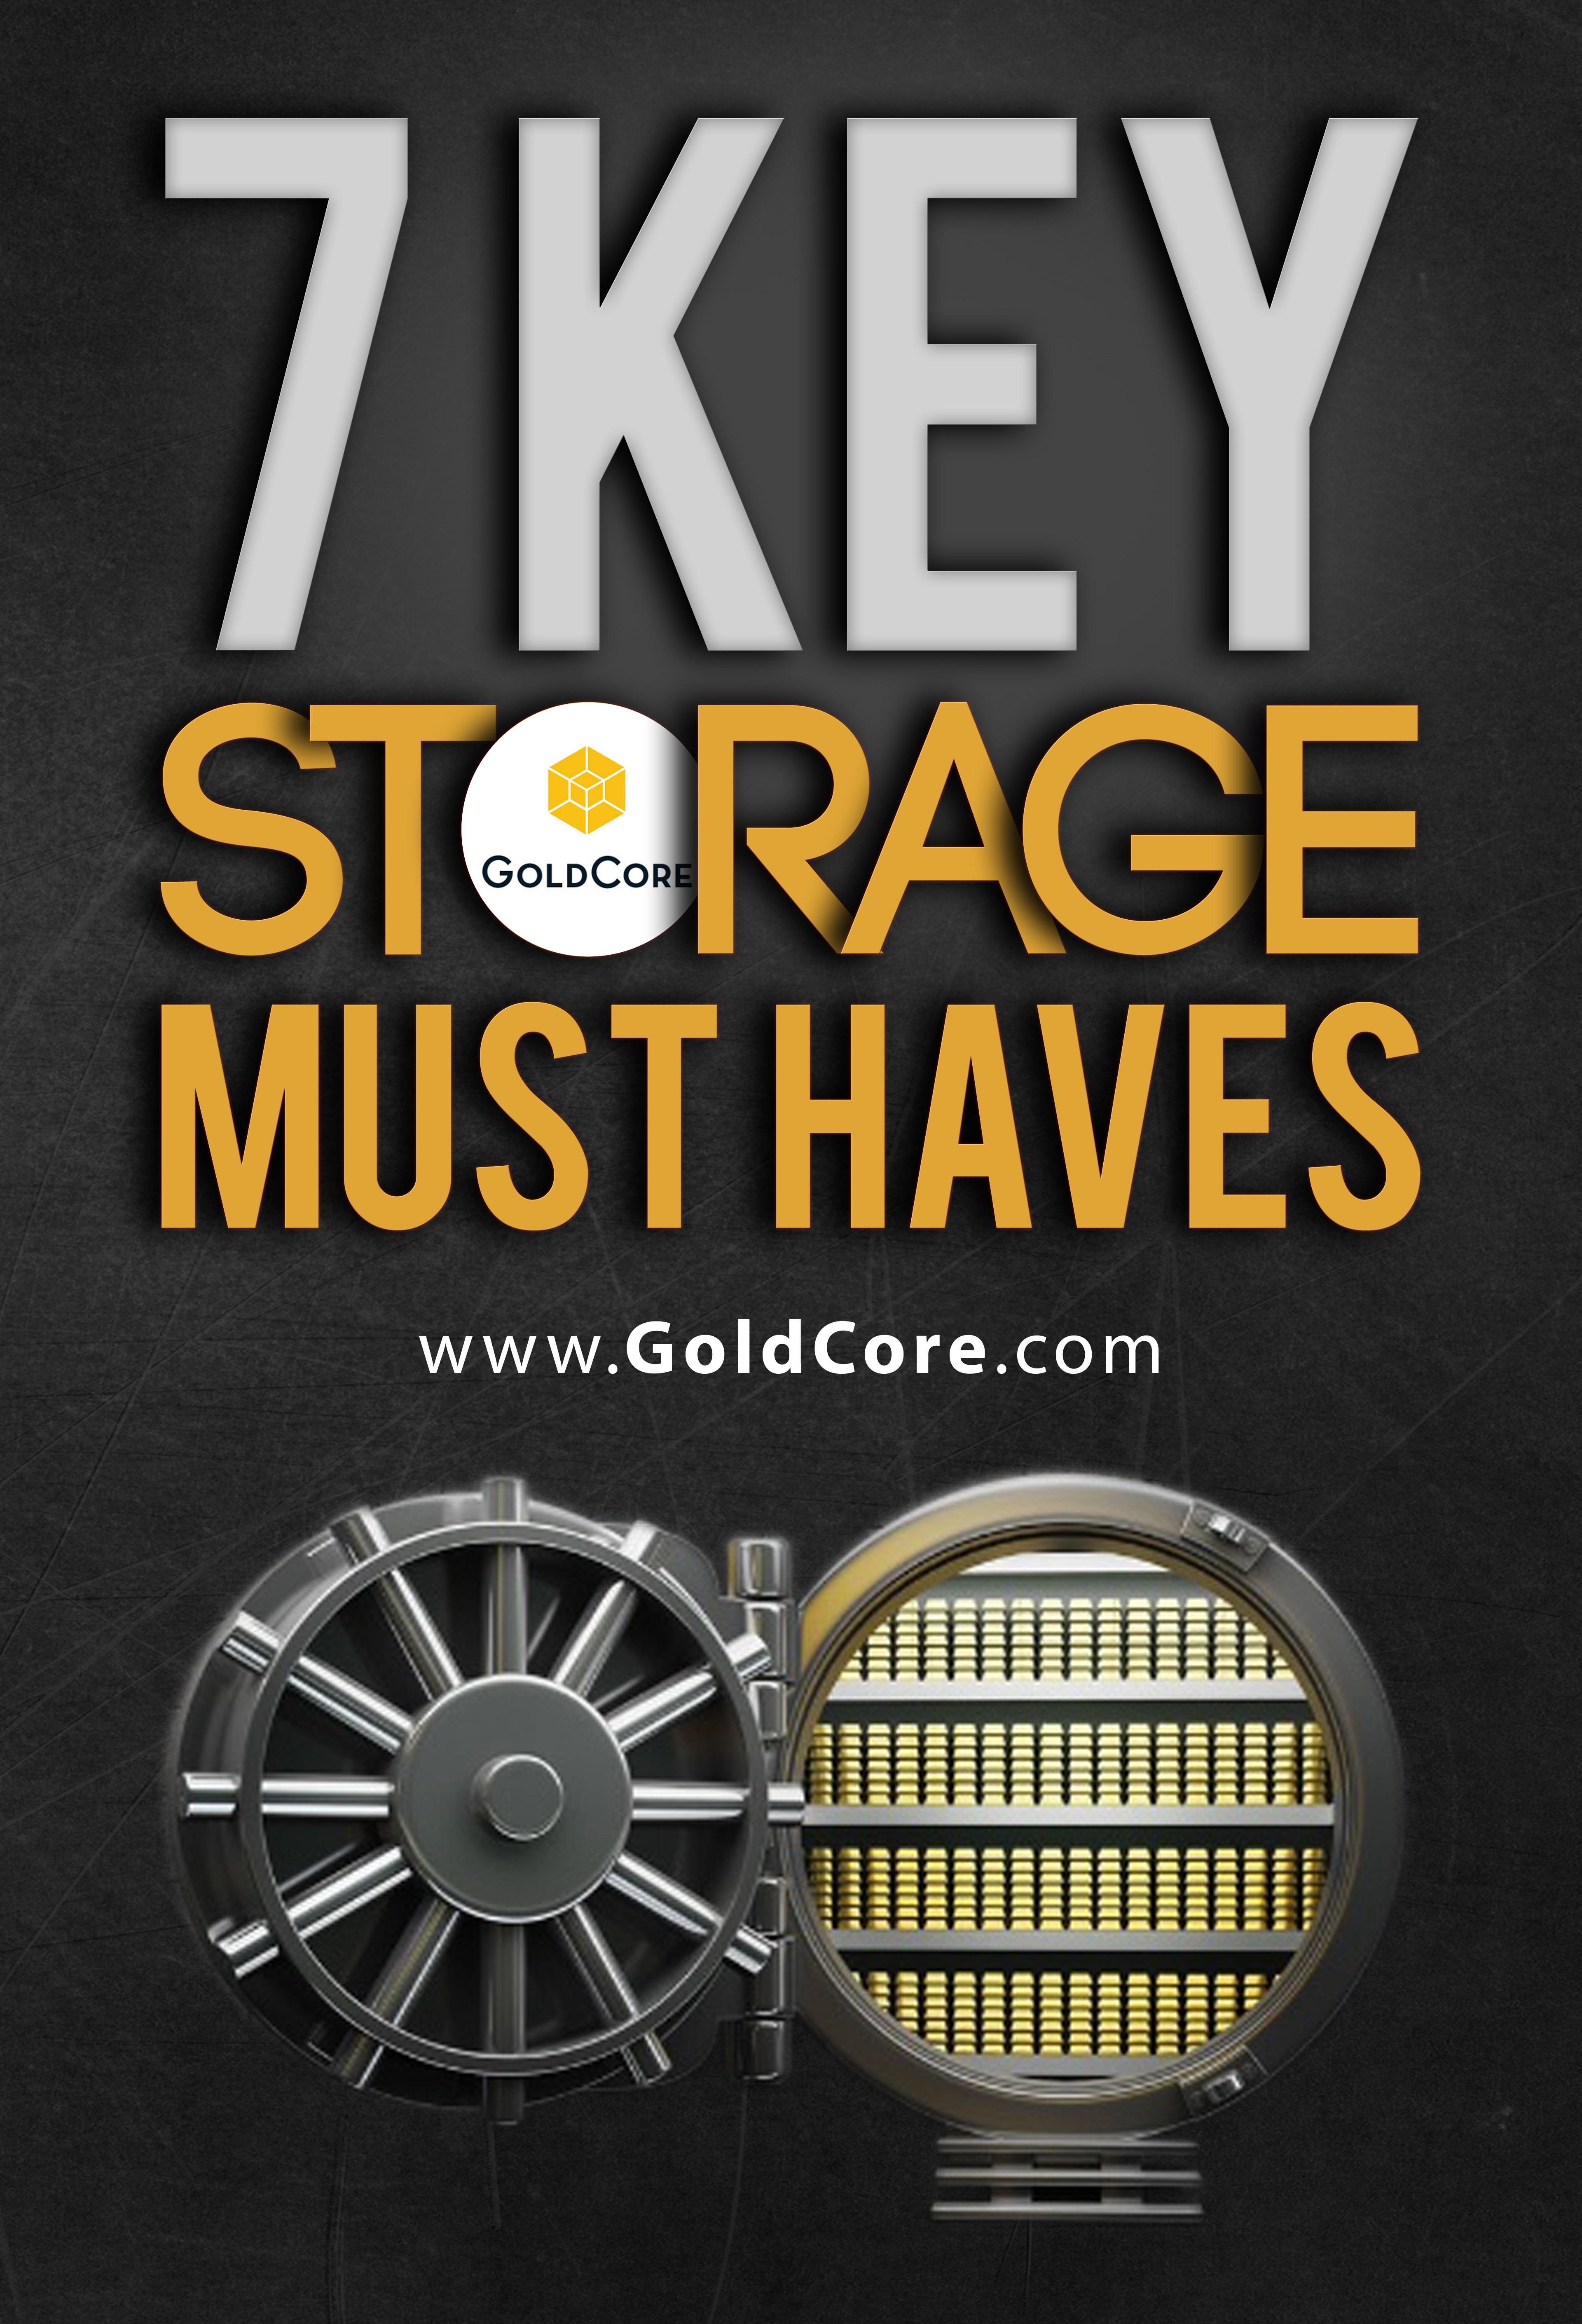 7_Key_Storage_Must_Haves_-_Copy.jpg